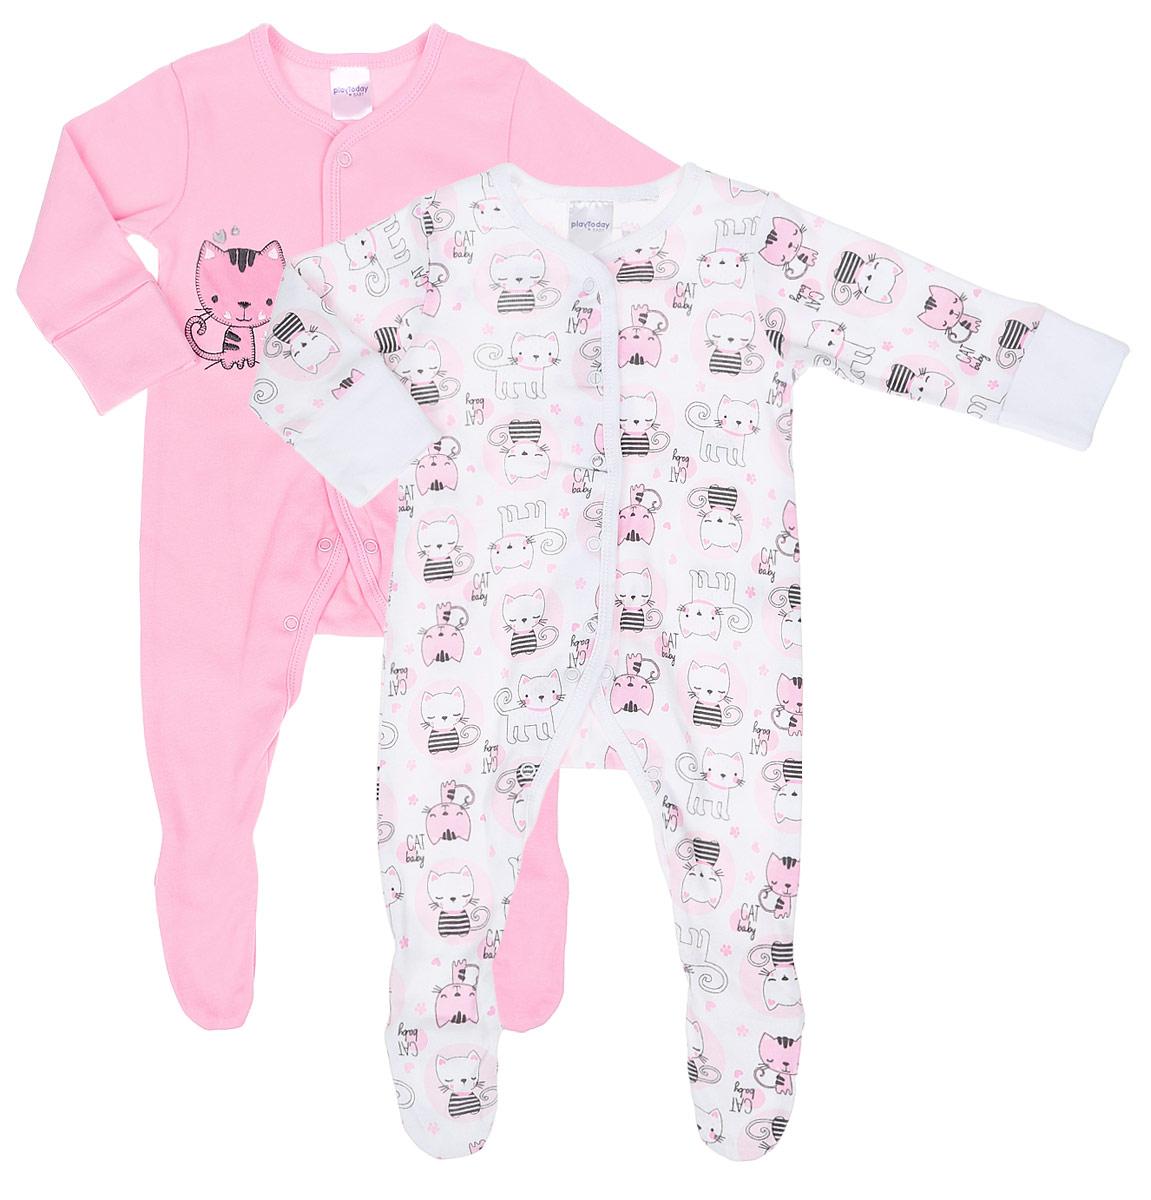 Комбинезон домашний для девочки PlayToday Baby, цвет: белый, розовый, 2 шт. 178806. Размер 56178806Комплект комбинезонов PlayToday Baby разнообразит гардероб вашей малышки. Комбинезоны с закрытыми ножками изготовлены из натурального хлопка и оформлены милым принтом. Материал изделия мягкий и тактильно приятный, не раздражает нежную кожу ребенка и хорошо пропускает воздух. Модели имеют удобные застежки-кнопки спереди и между ножек, что позволит легко переодеть ребенка или сменить подгузник, а также удобные манжеты на рукавах, которые можно превратить в рукавички - ребенок не сможет себя поранить и оцарапать. Круглый вырез горловины дополнен мягкой эластичной бейкой. Комбинезоны полностью соответствуют особенностям жизни ребенка в ранний период, не стесняя и не ограничивая его в движениях.